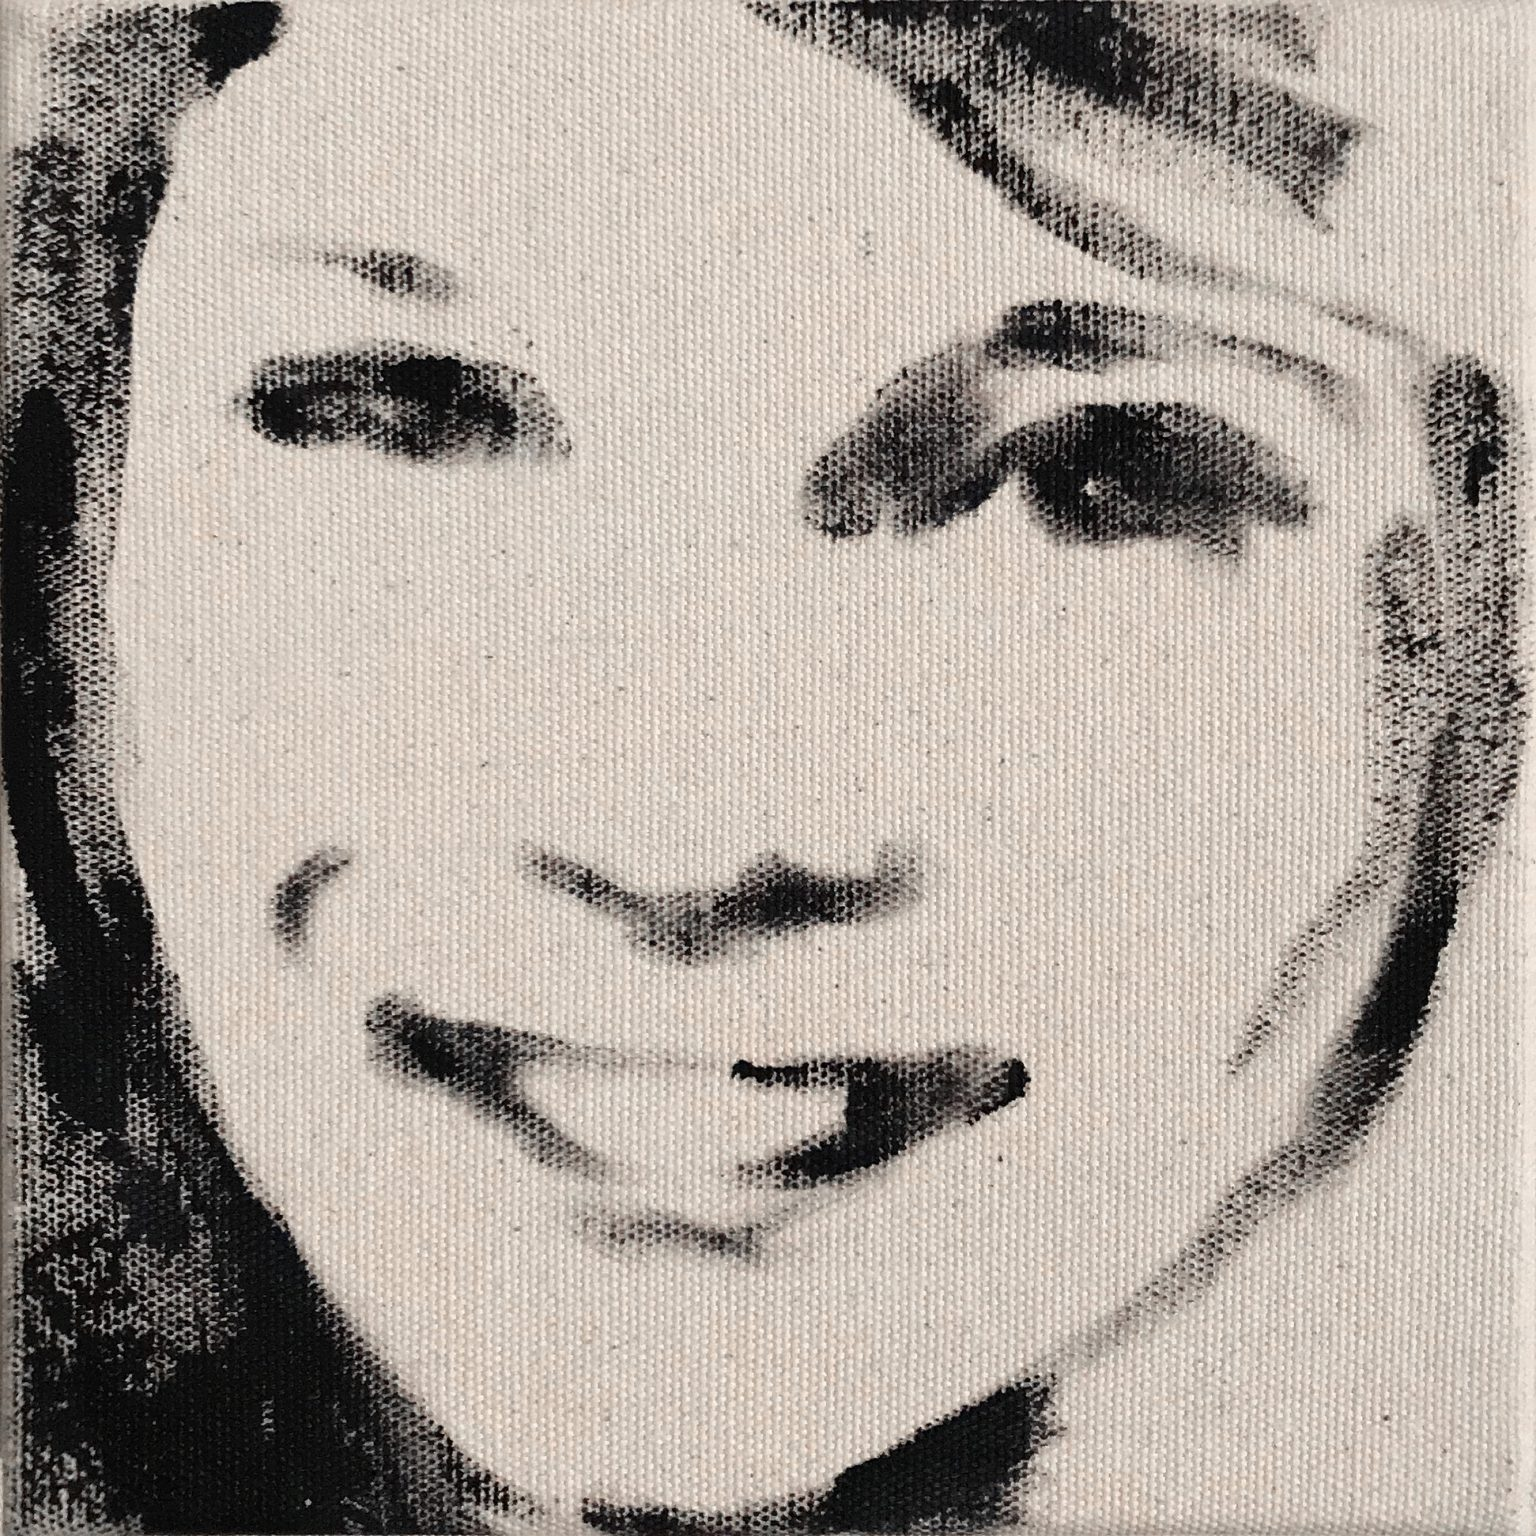 Kate 15x15 cm acrylics on canvas